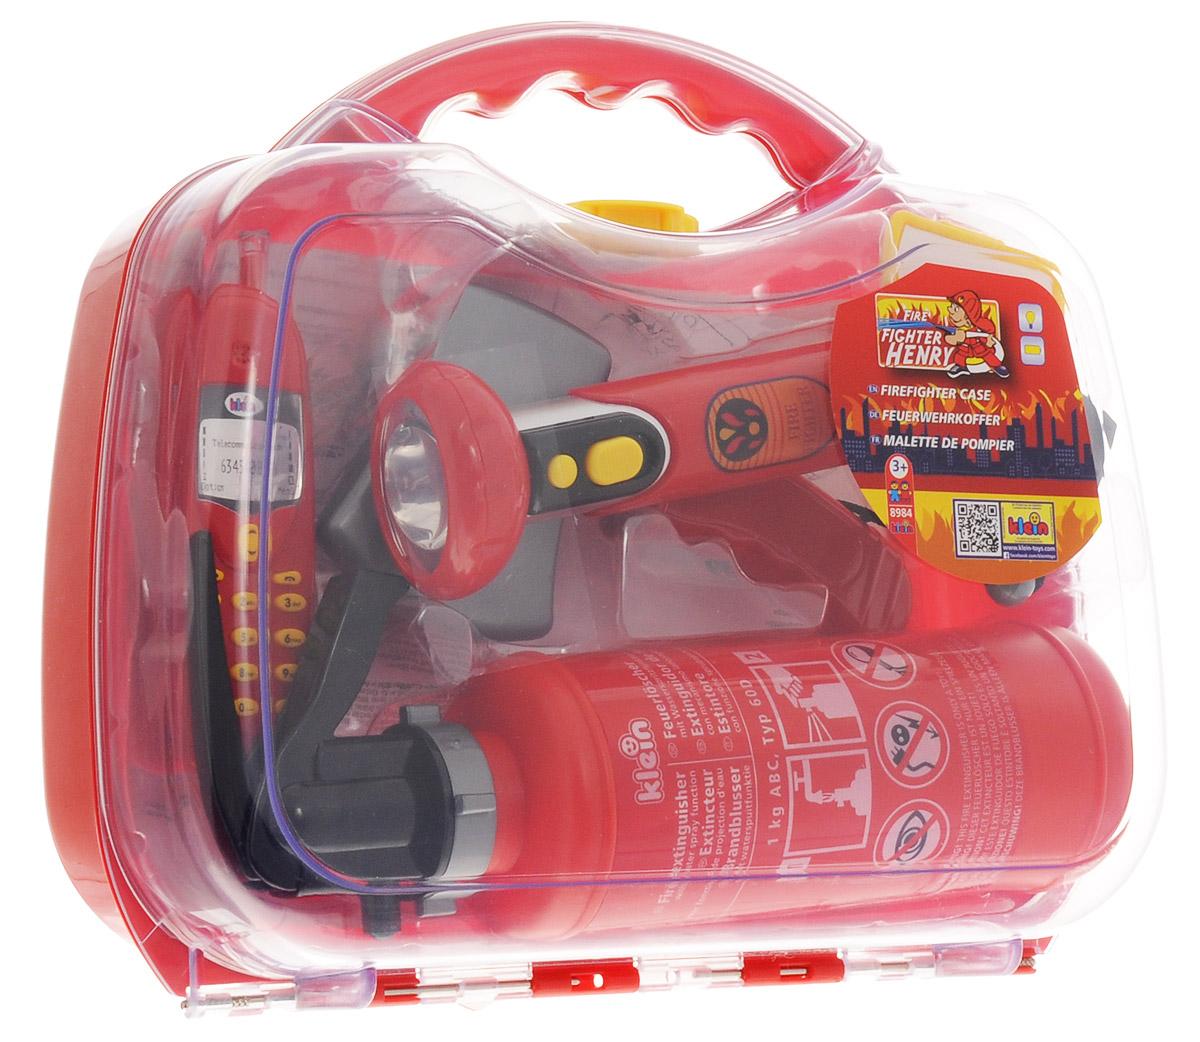 Klein Игрушечный набор пожарного8984Игрушечный набор пожарного Klein - это комплект функциональных аксессуаров борца с огнем, аккуратно уложенных в большой и яркий чемоданчик с удобной защелкой. В наборе вы найдете пластиковый топор, негромкий свисток, фонарик с ярким светом, бейджик, мобильный телефон, огнетушитель (залейте воду в его бак, а затем нажимайте на рычаг и распыляйте воду по принципу пульверизатора). Все элементы набора выполнены из качественного и безопасного пластика. Для работы фонарика необходимо купить 2 батарейки напряжением 1,5V типа АА (не входят в комплект).